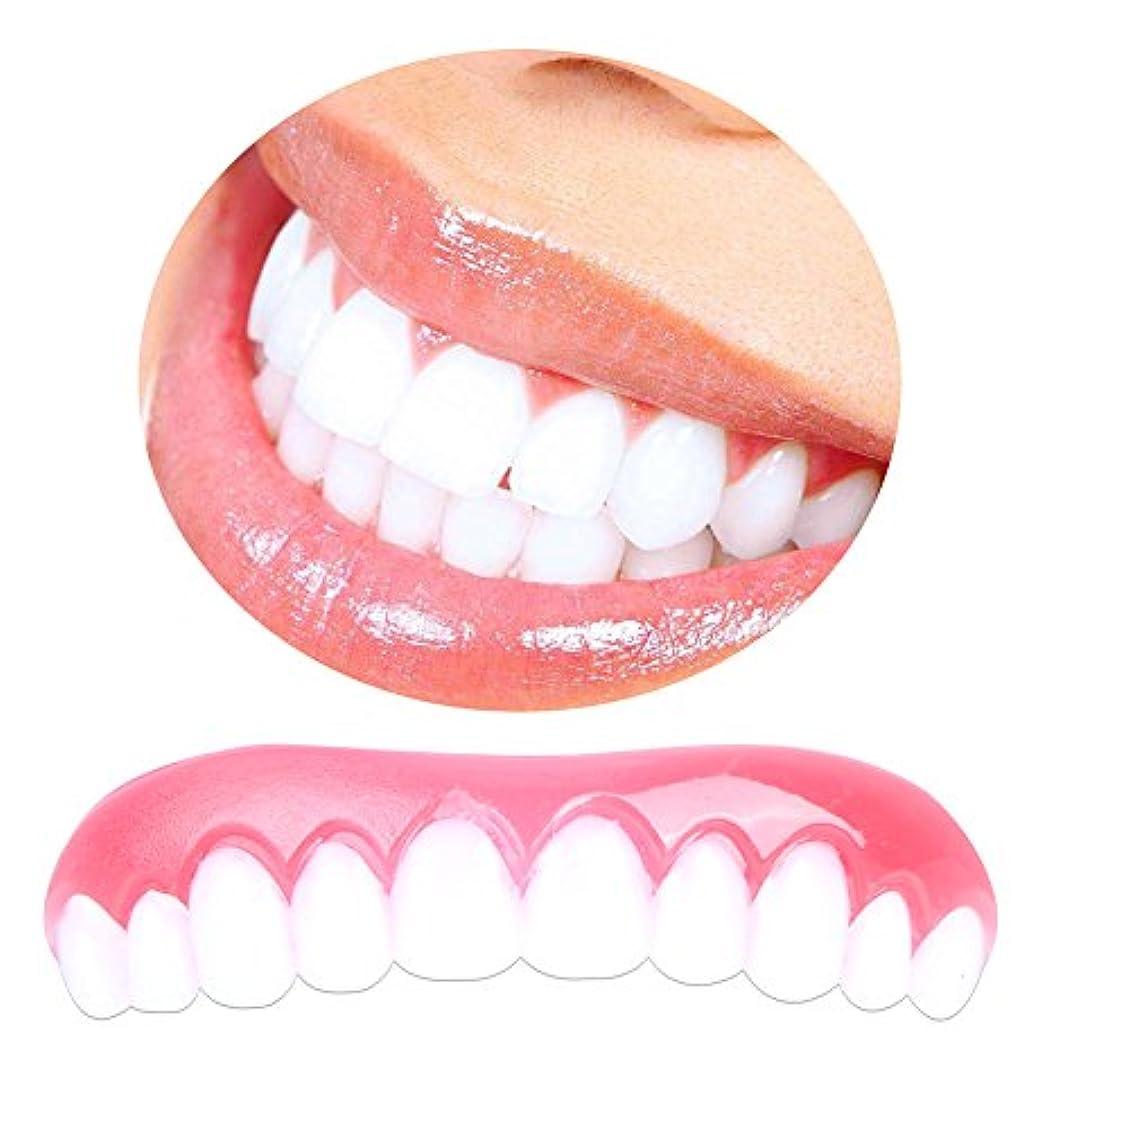 無駄だここに大声で2ピースコンフォートフィットフレックス化粧品の歯完璧な笑顔のベニヤダブの歯の修正のための歯の修正のための完璧な笑顔のベニヤの歯のホワイトニング